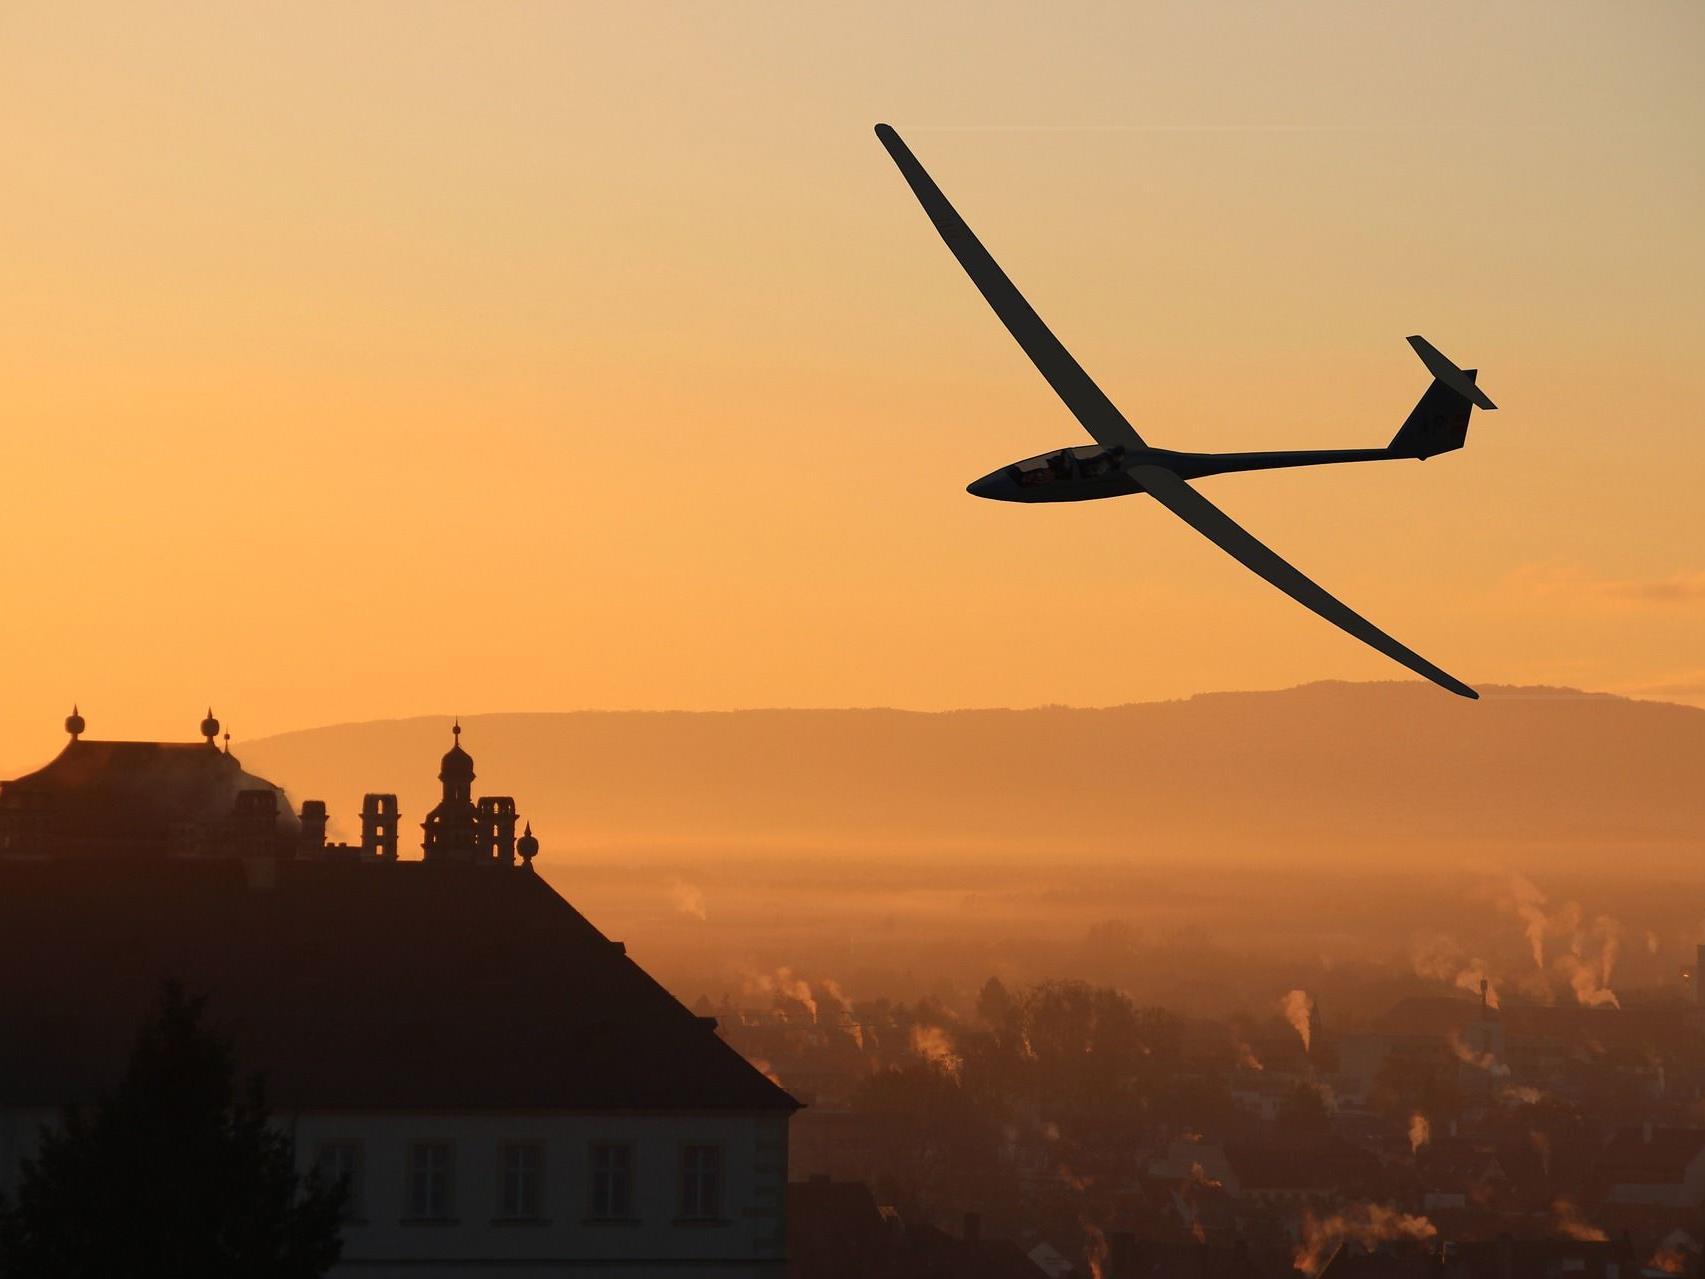 Der in Wien lebende Pilot verstarb bei dem Segelflieger-Absturz in NÖ.